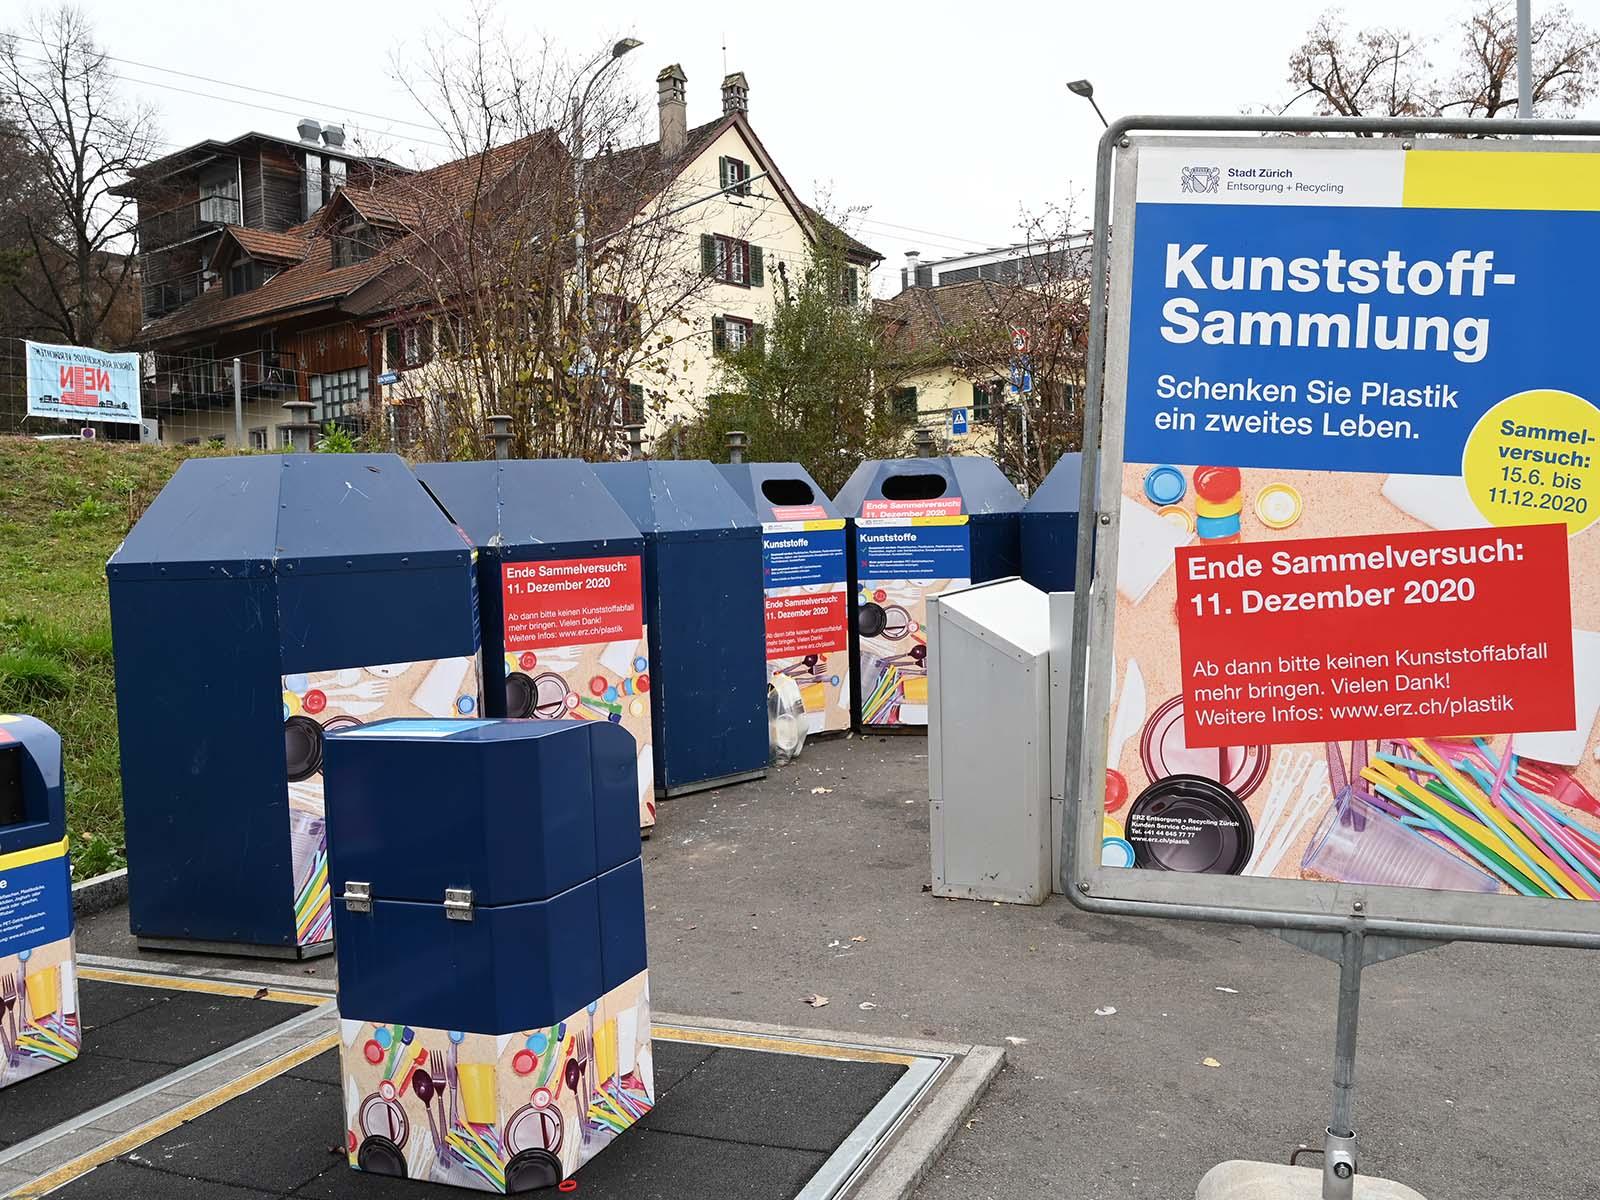 Der Kunststoff-Sammelversuch in Höngg und Schwamendingen läuft noch regulär bis zum 11. Dezember.